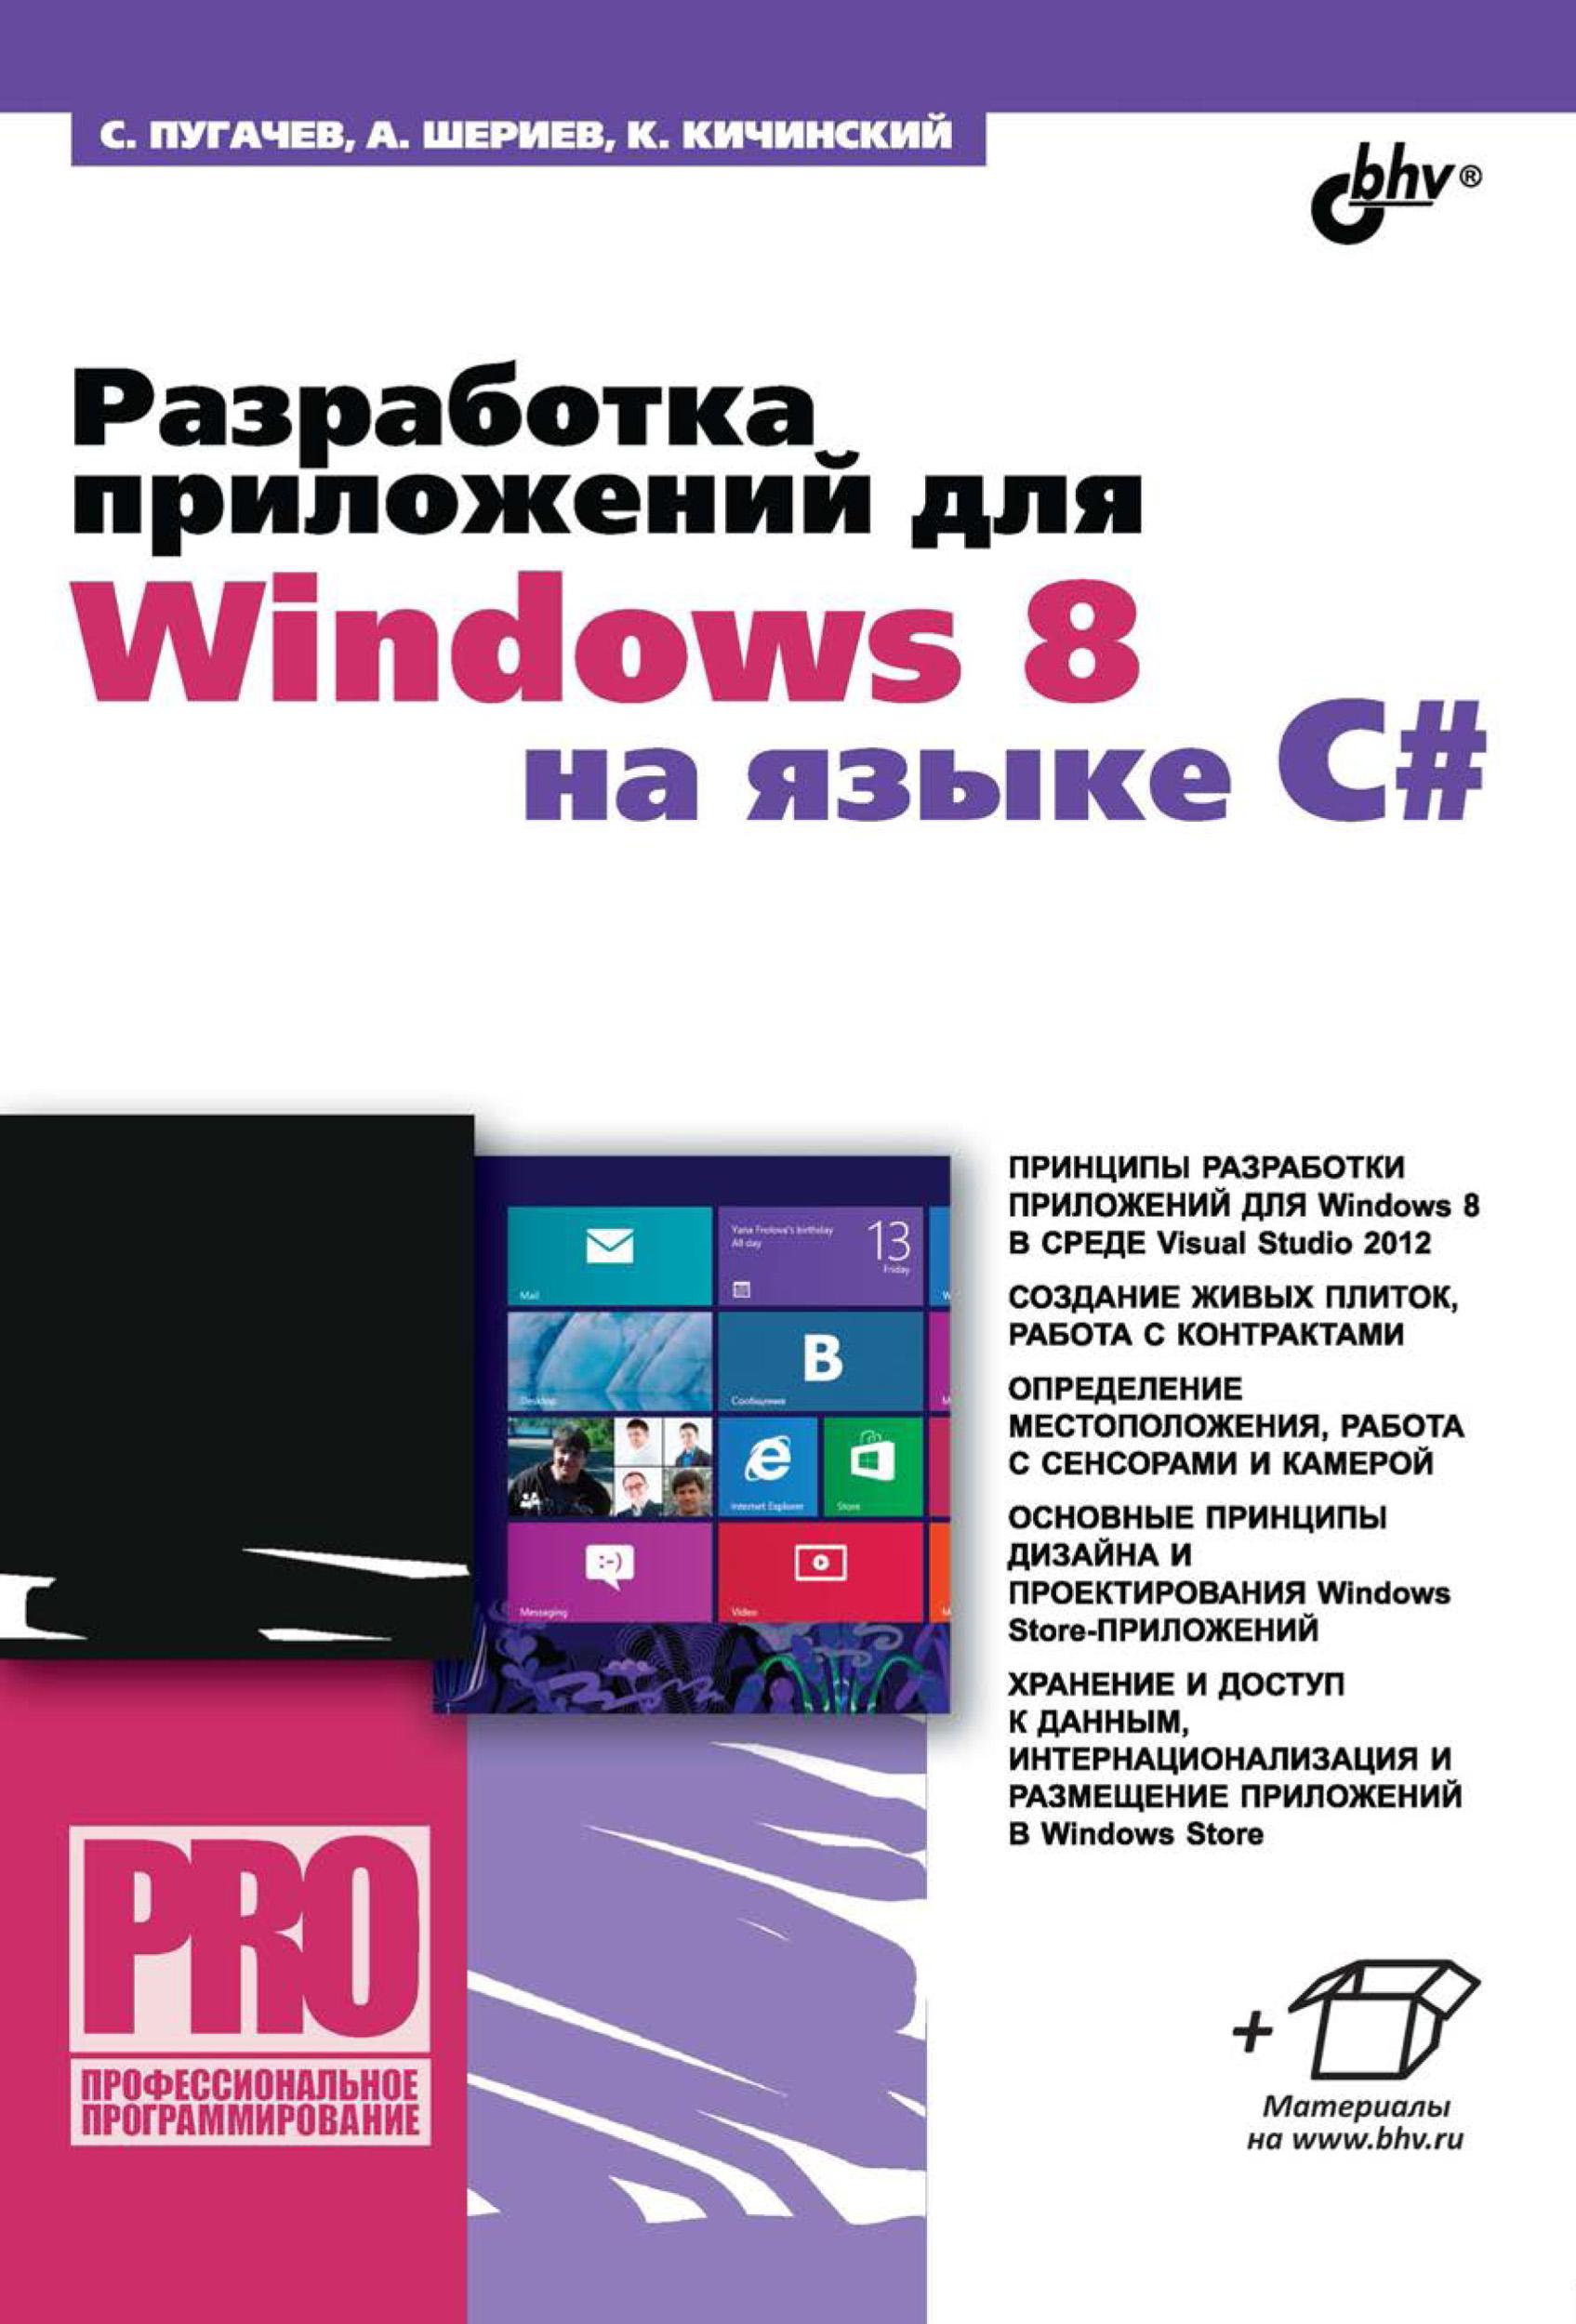 Сергей Пугачев Разработка приложений для Windows 8 на языке C# цена 2017